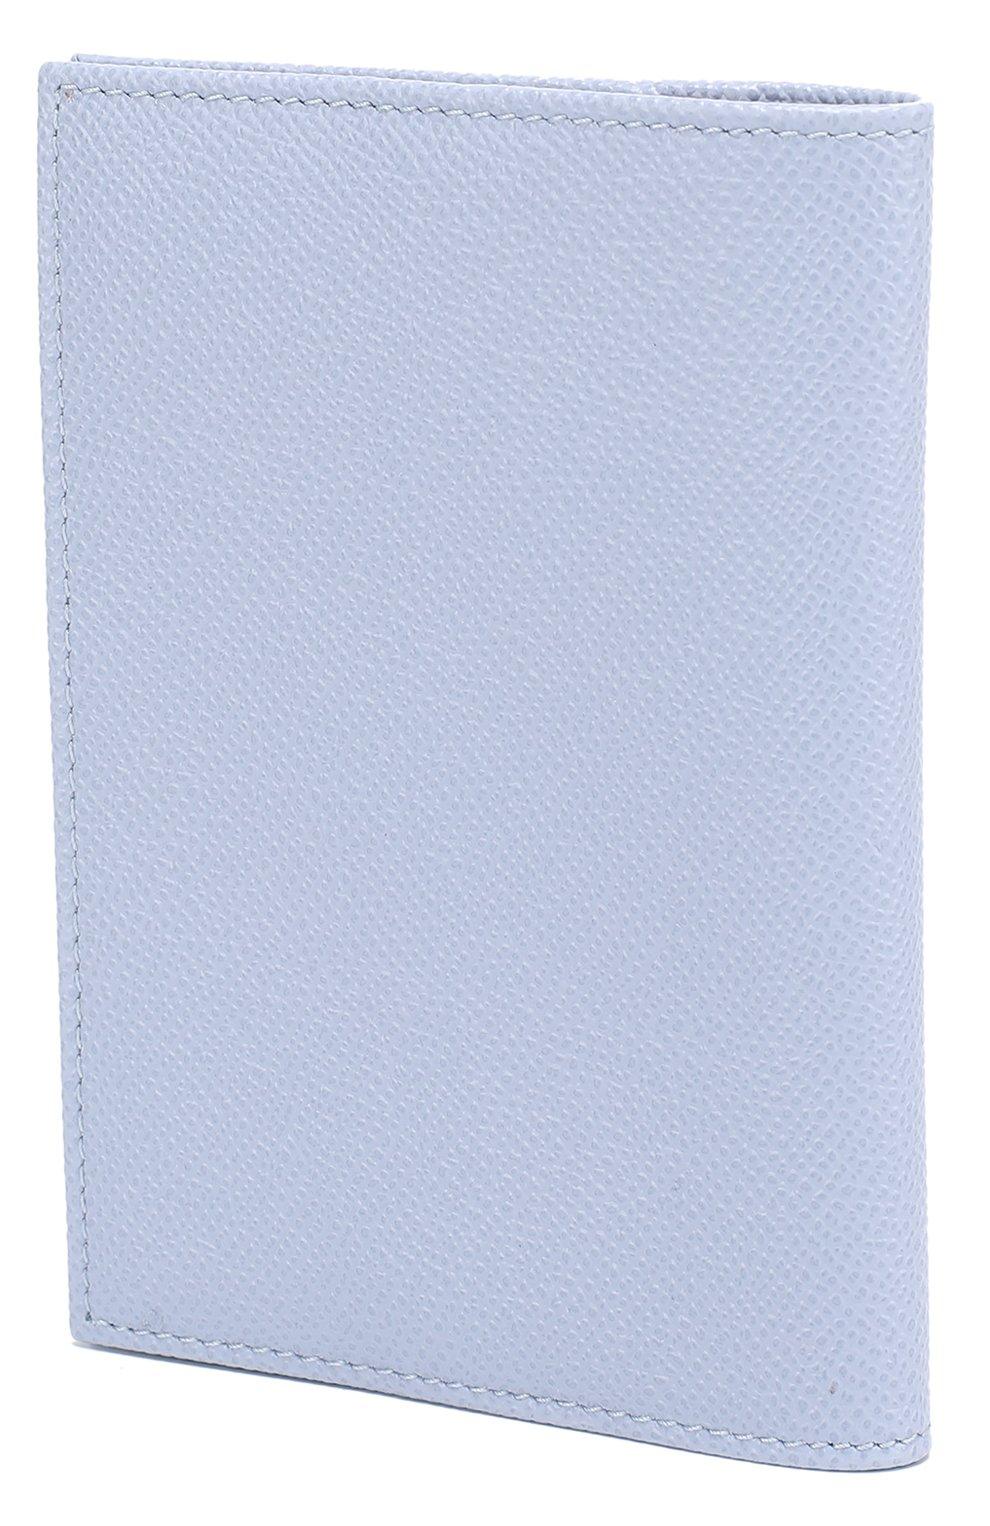 Кожаная обложка для документов | Фото №2